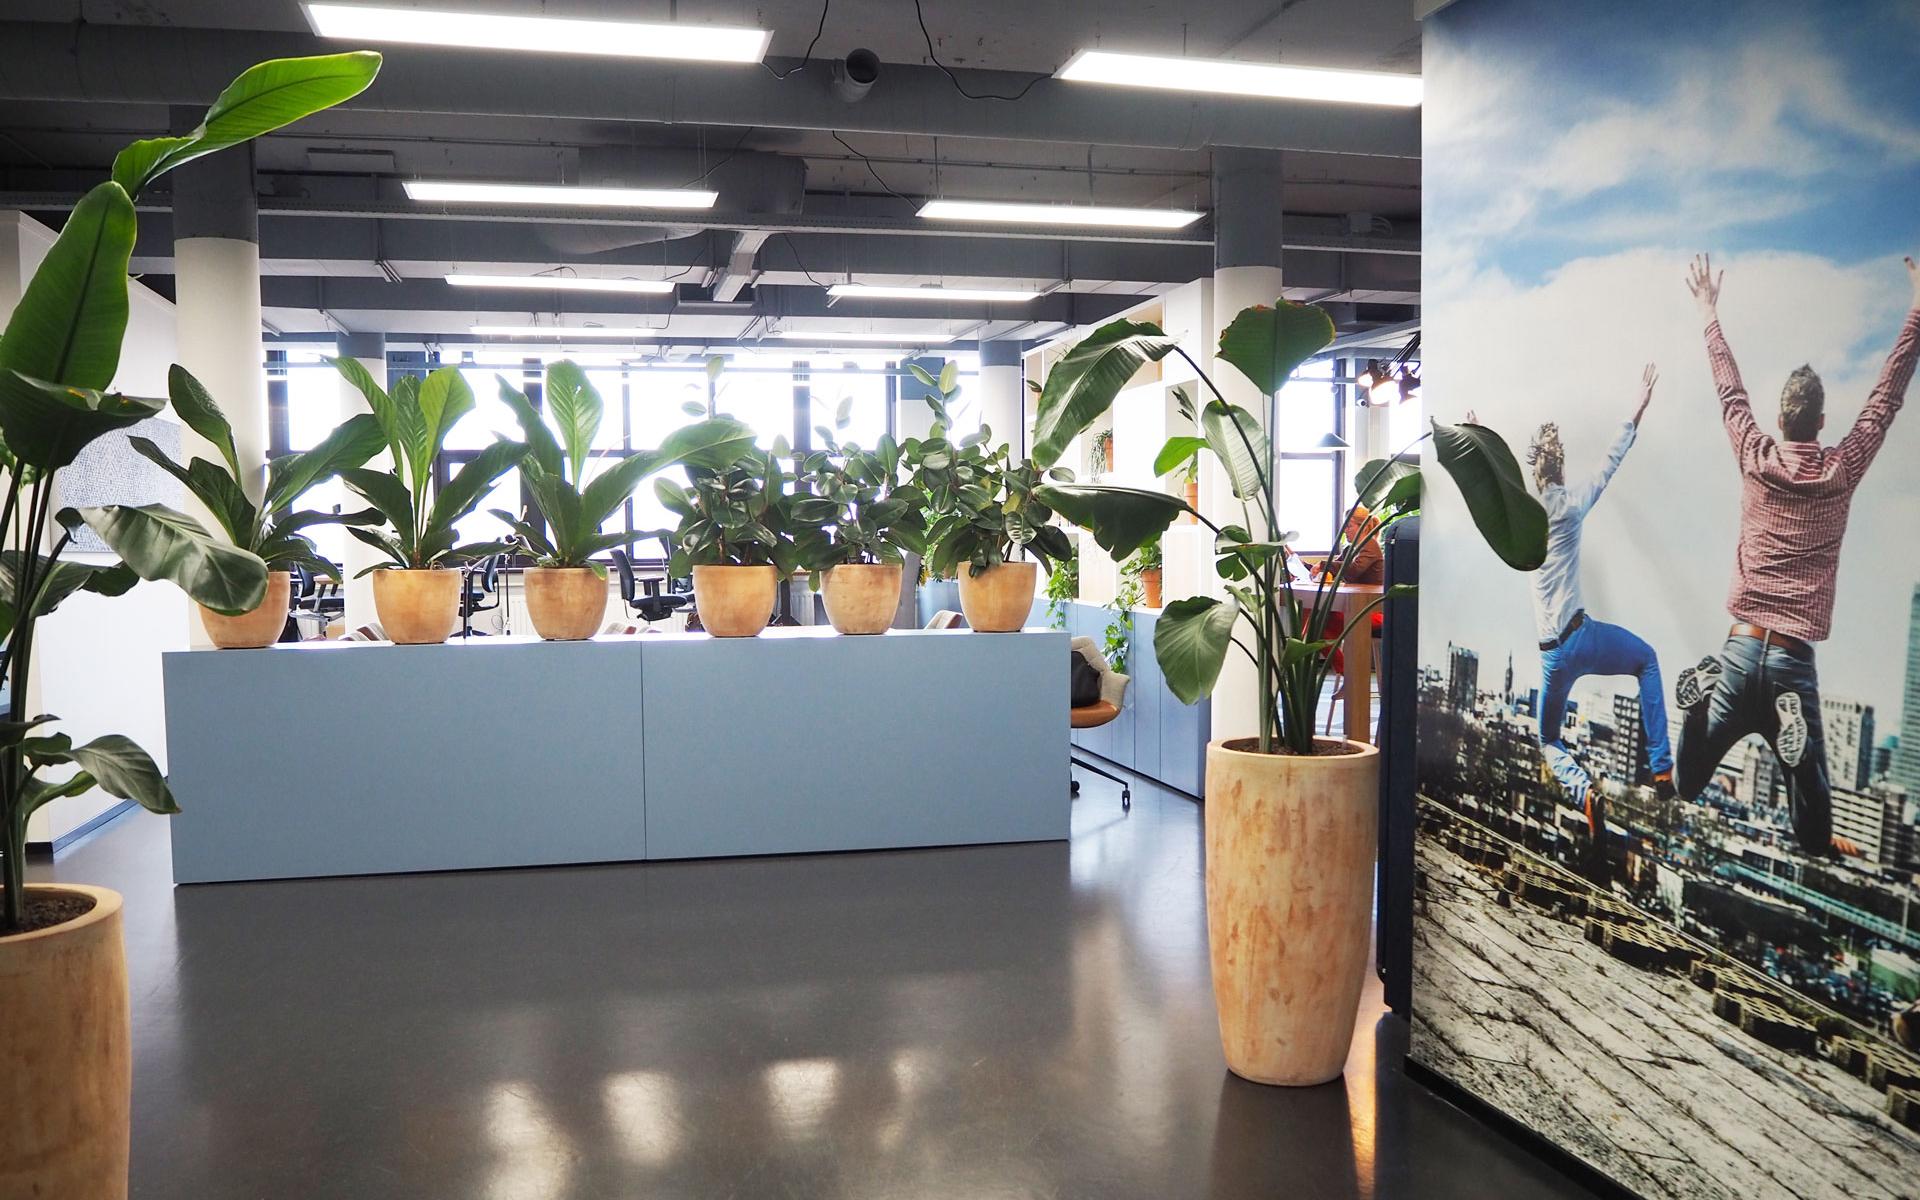 entree-kantoor-muurprint-werkgeluk-welkom